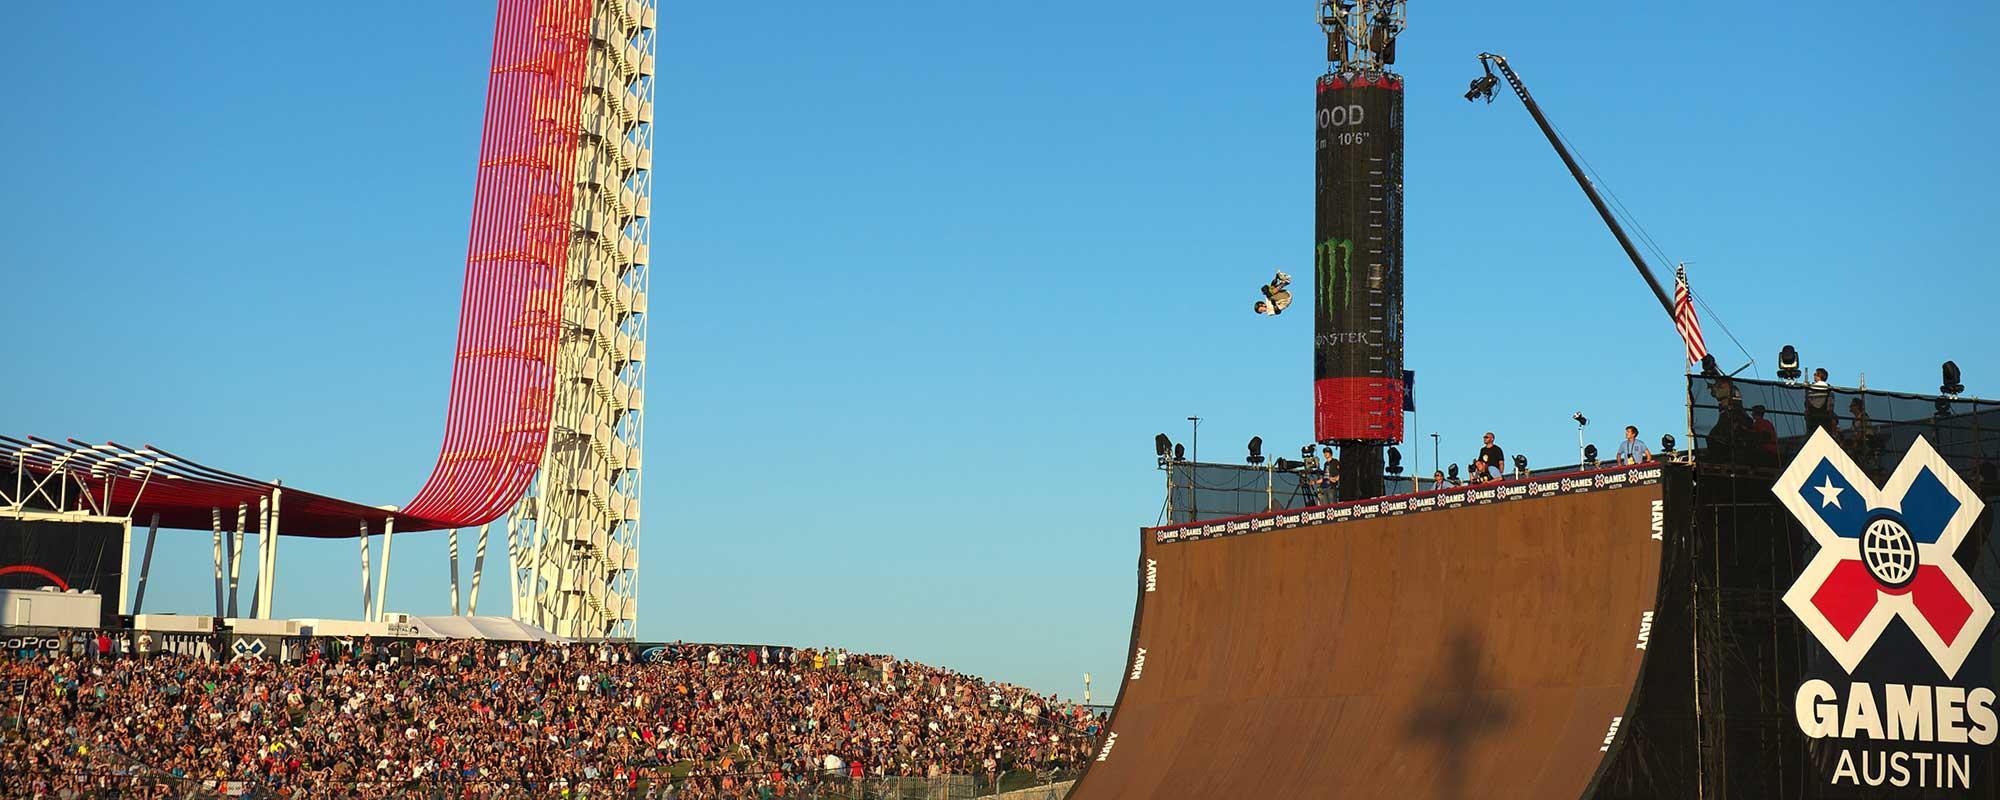 Trey Wood, X Games Austin 2014 Skateboard Big Air